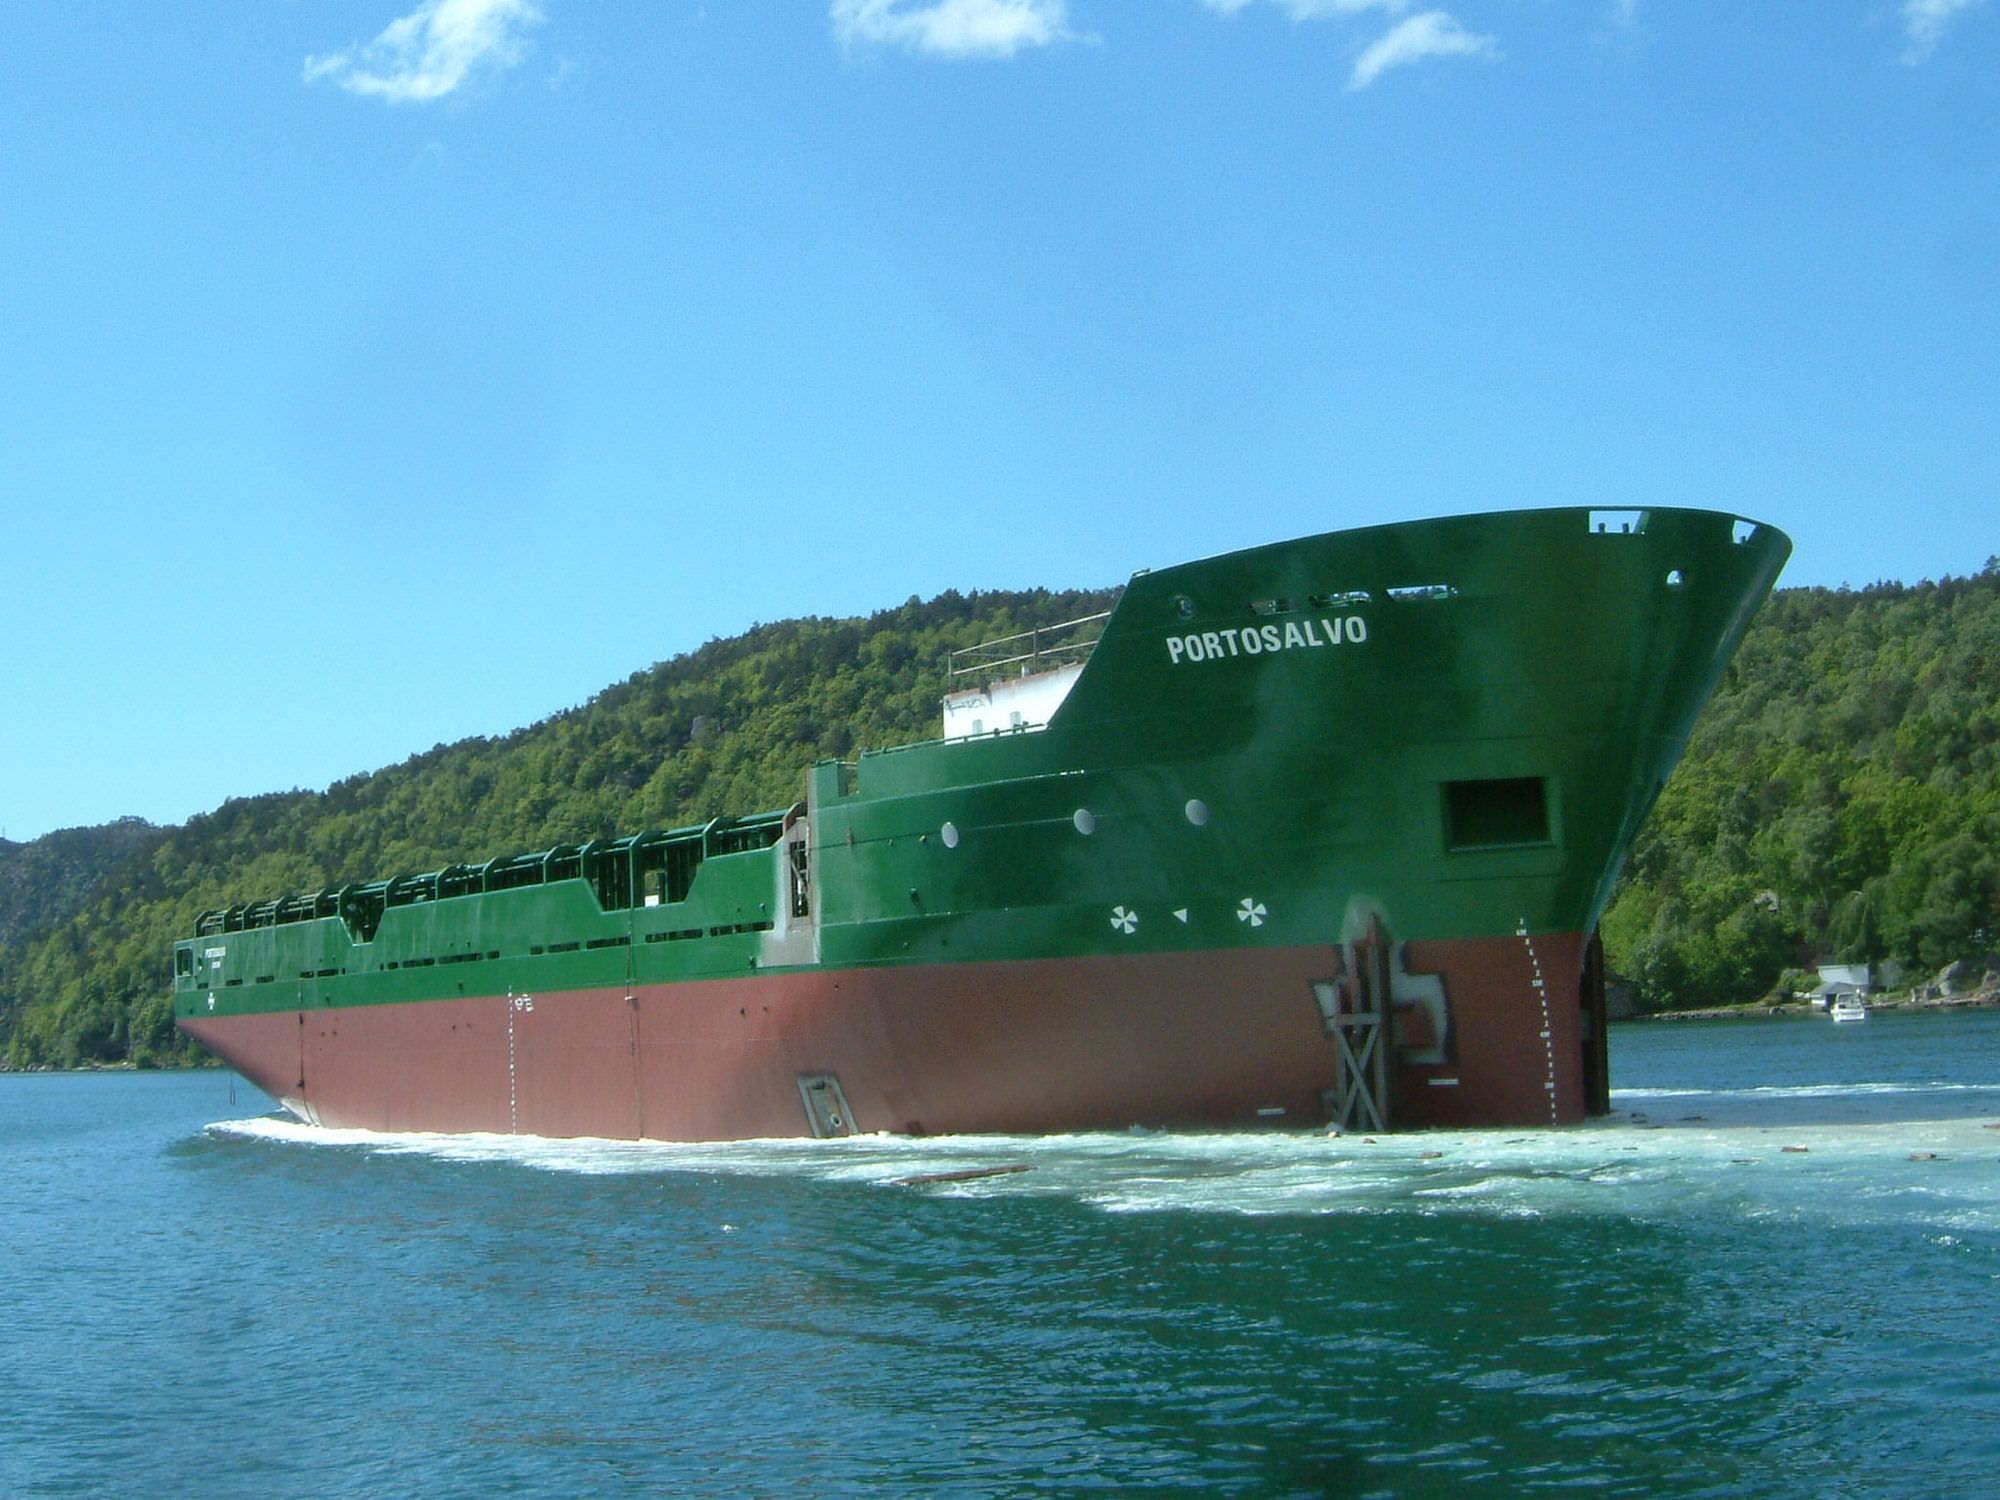 Platform supply vessel (PSV) offshore support vessel - 110